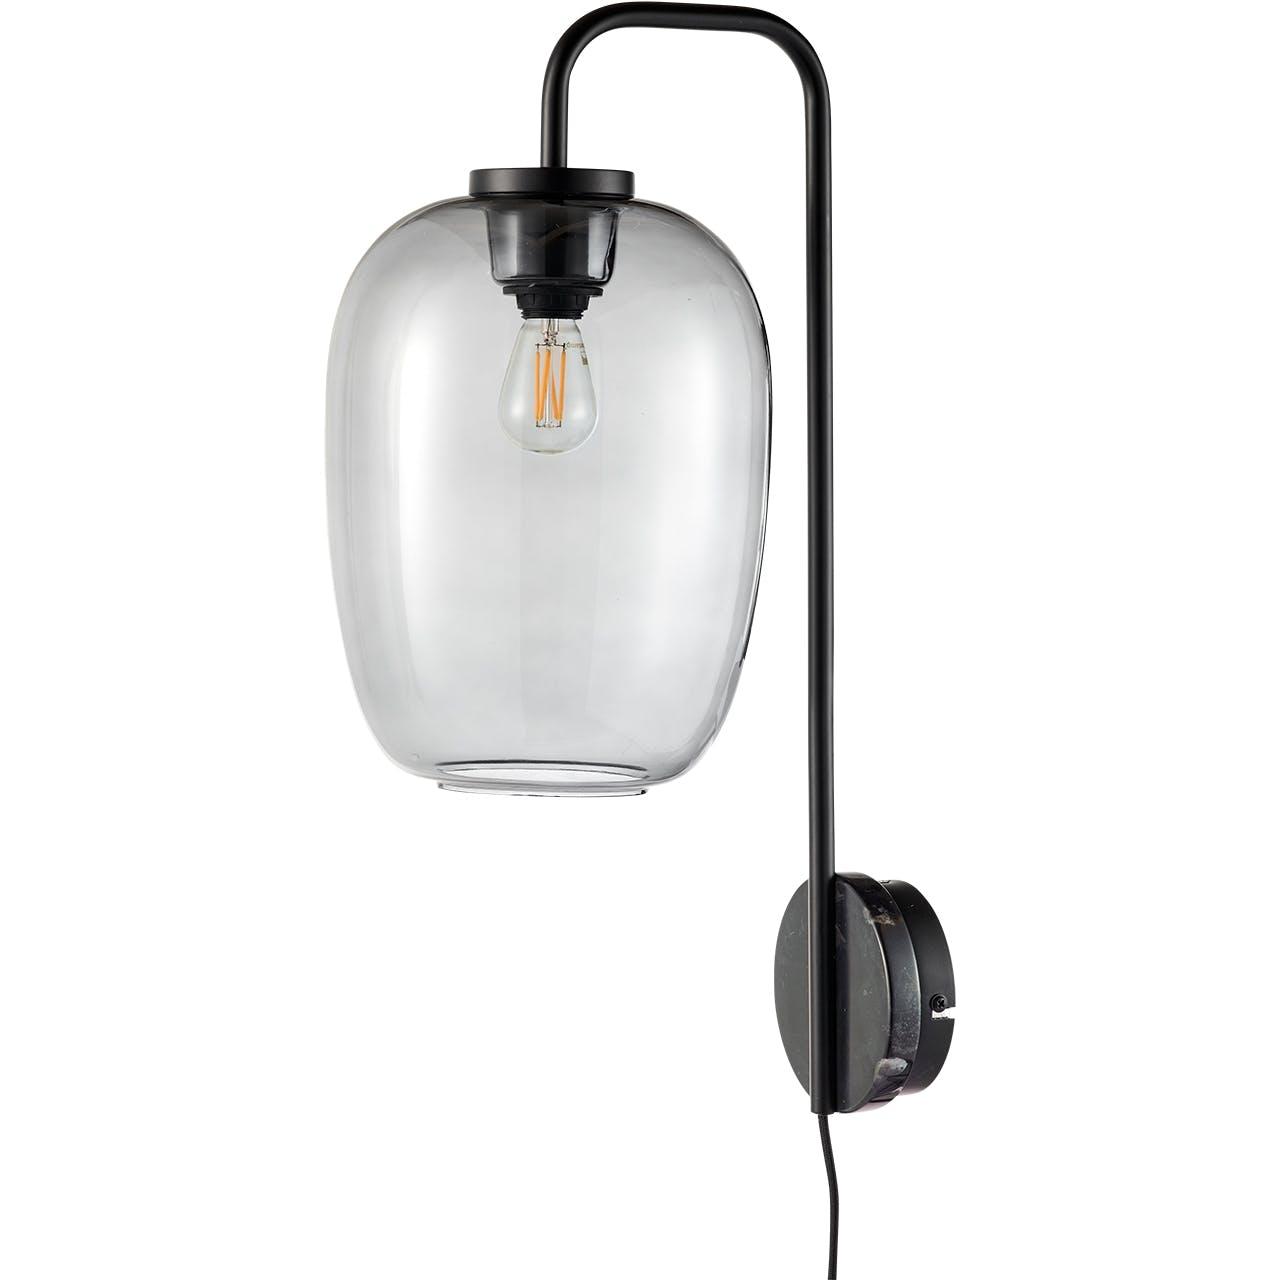 Bolia væglampe designet af morten & jonas grape